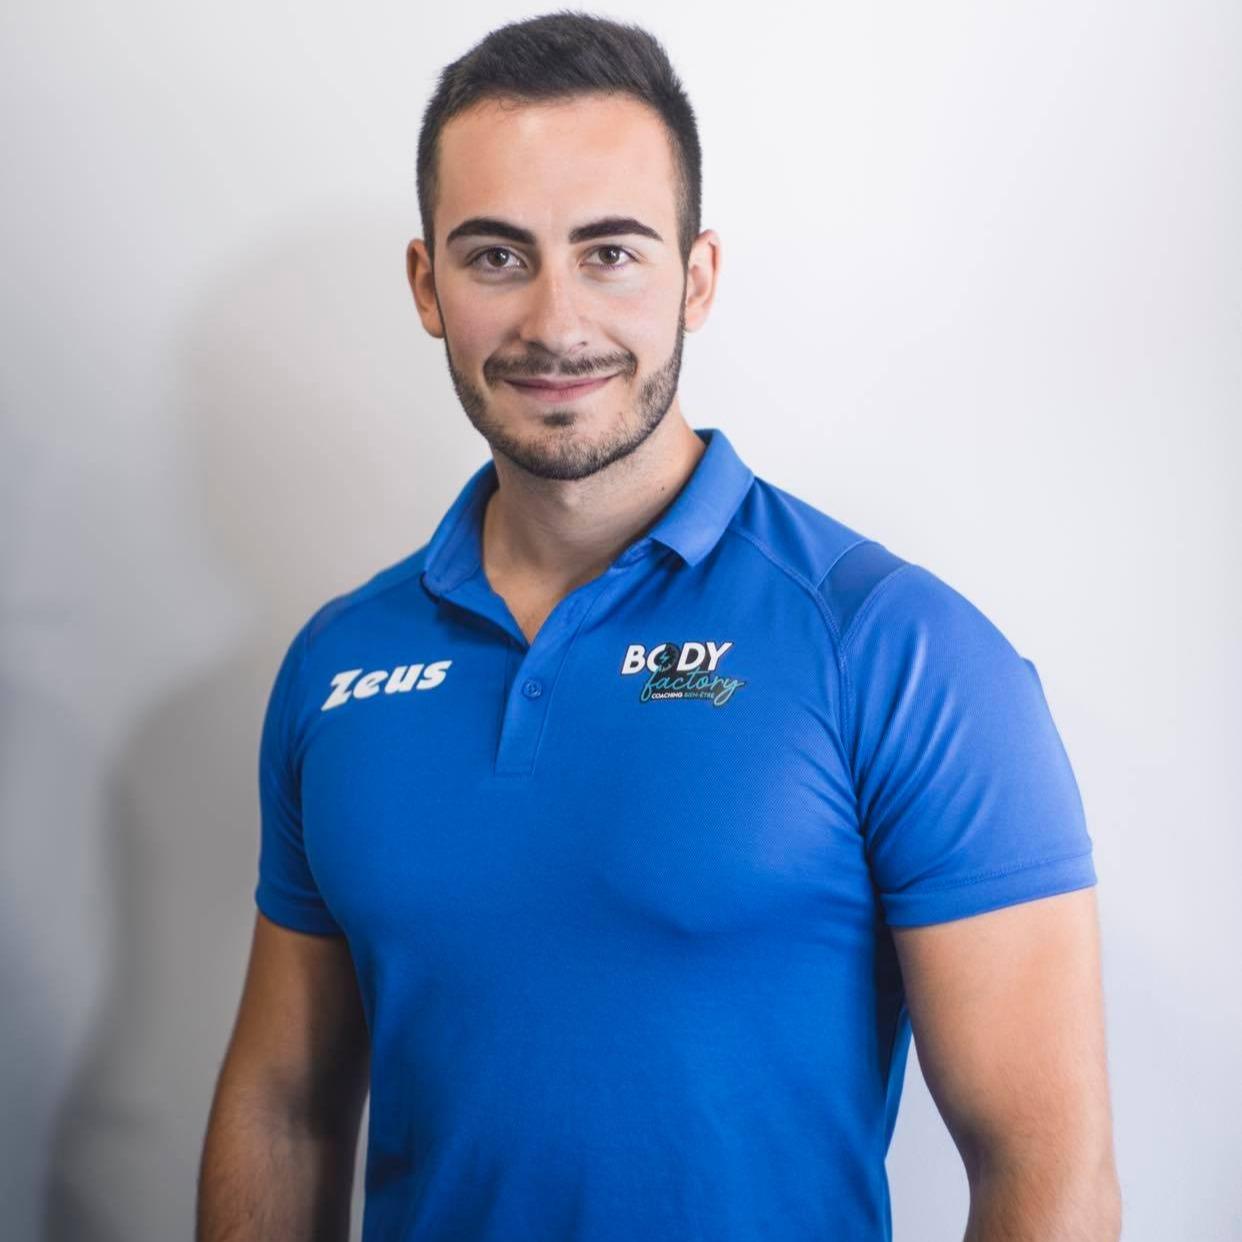 Alexandre Robert